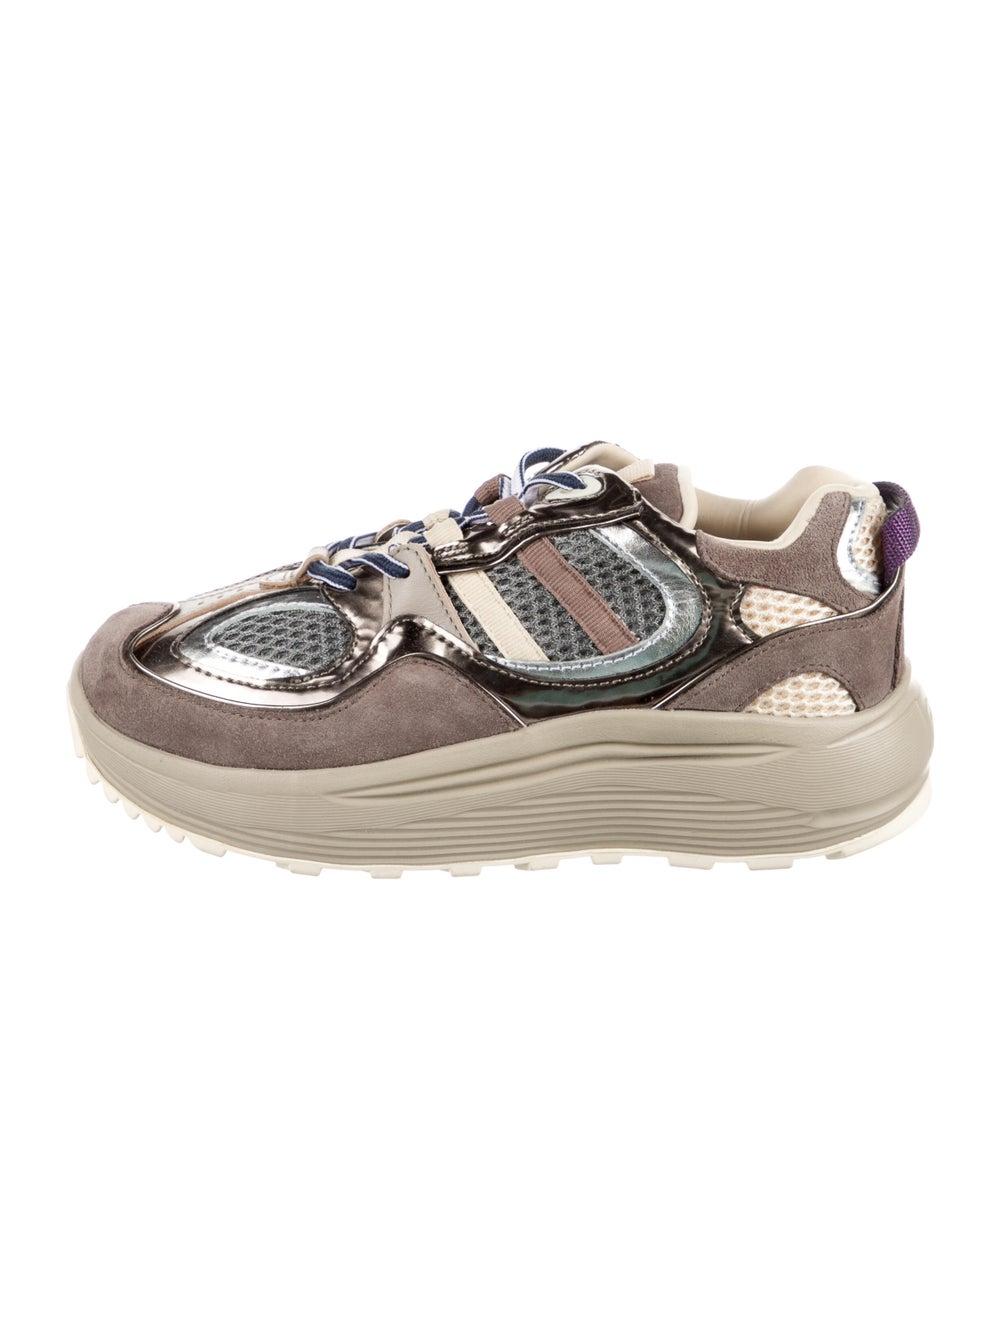 Eytys Suede Sneakers Brown - image 1